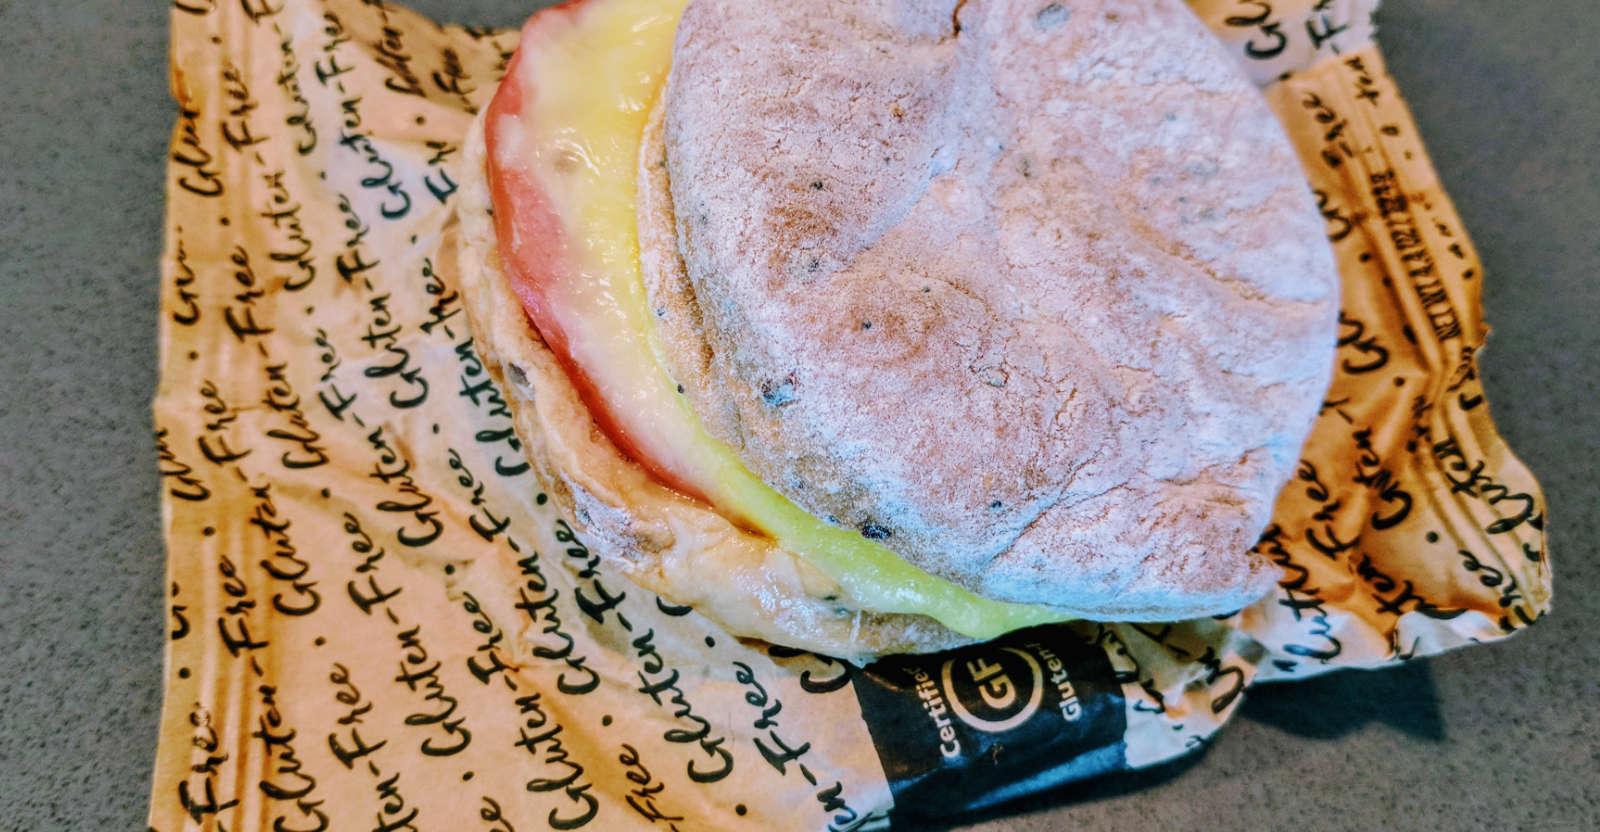 Starbucks gluten-free breakfast sandwich